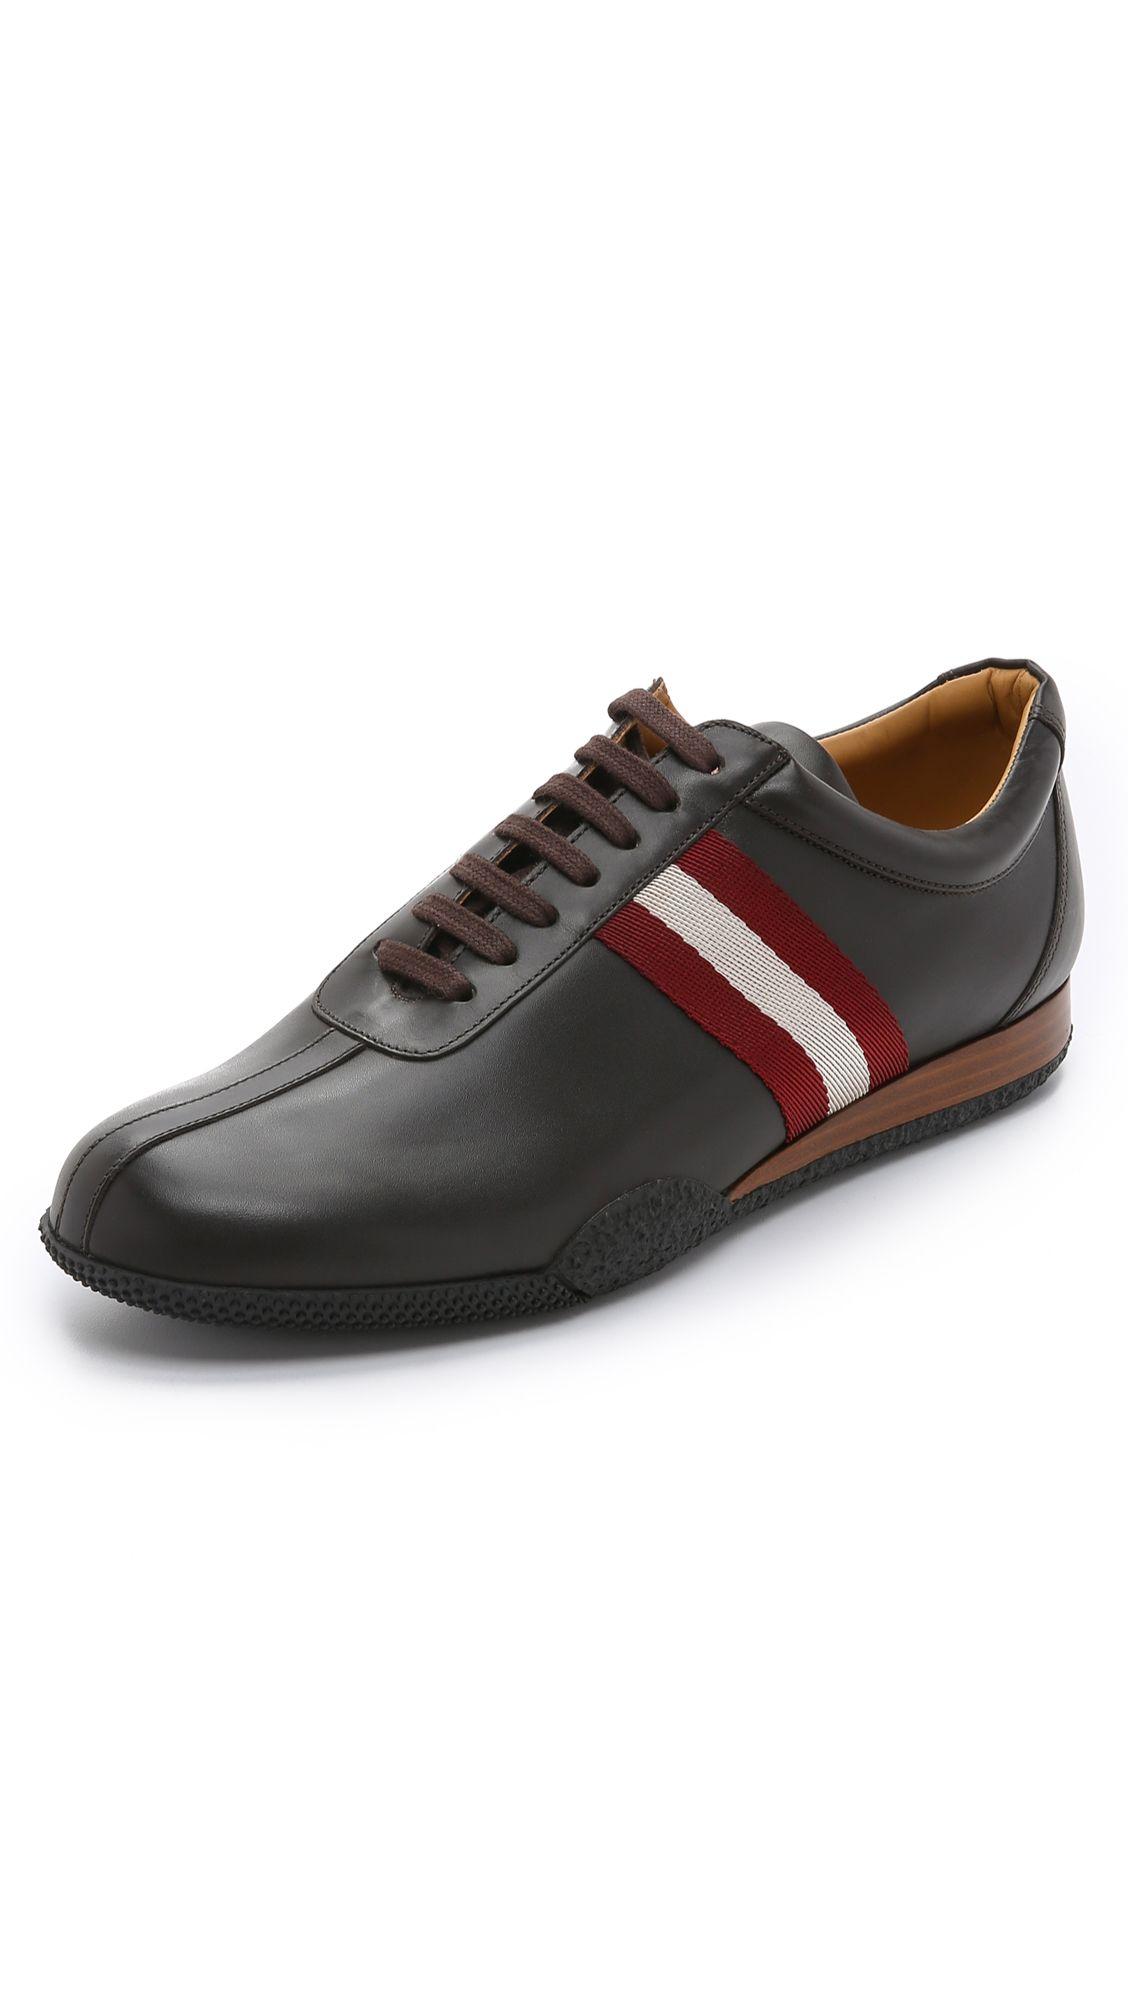 bally shoes men